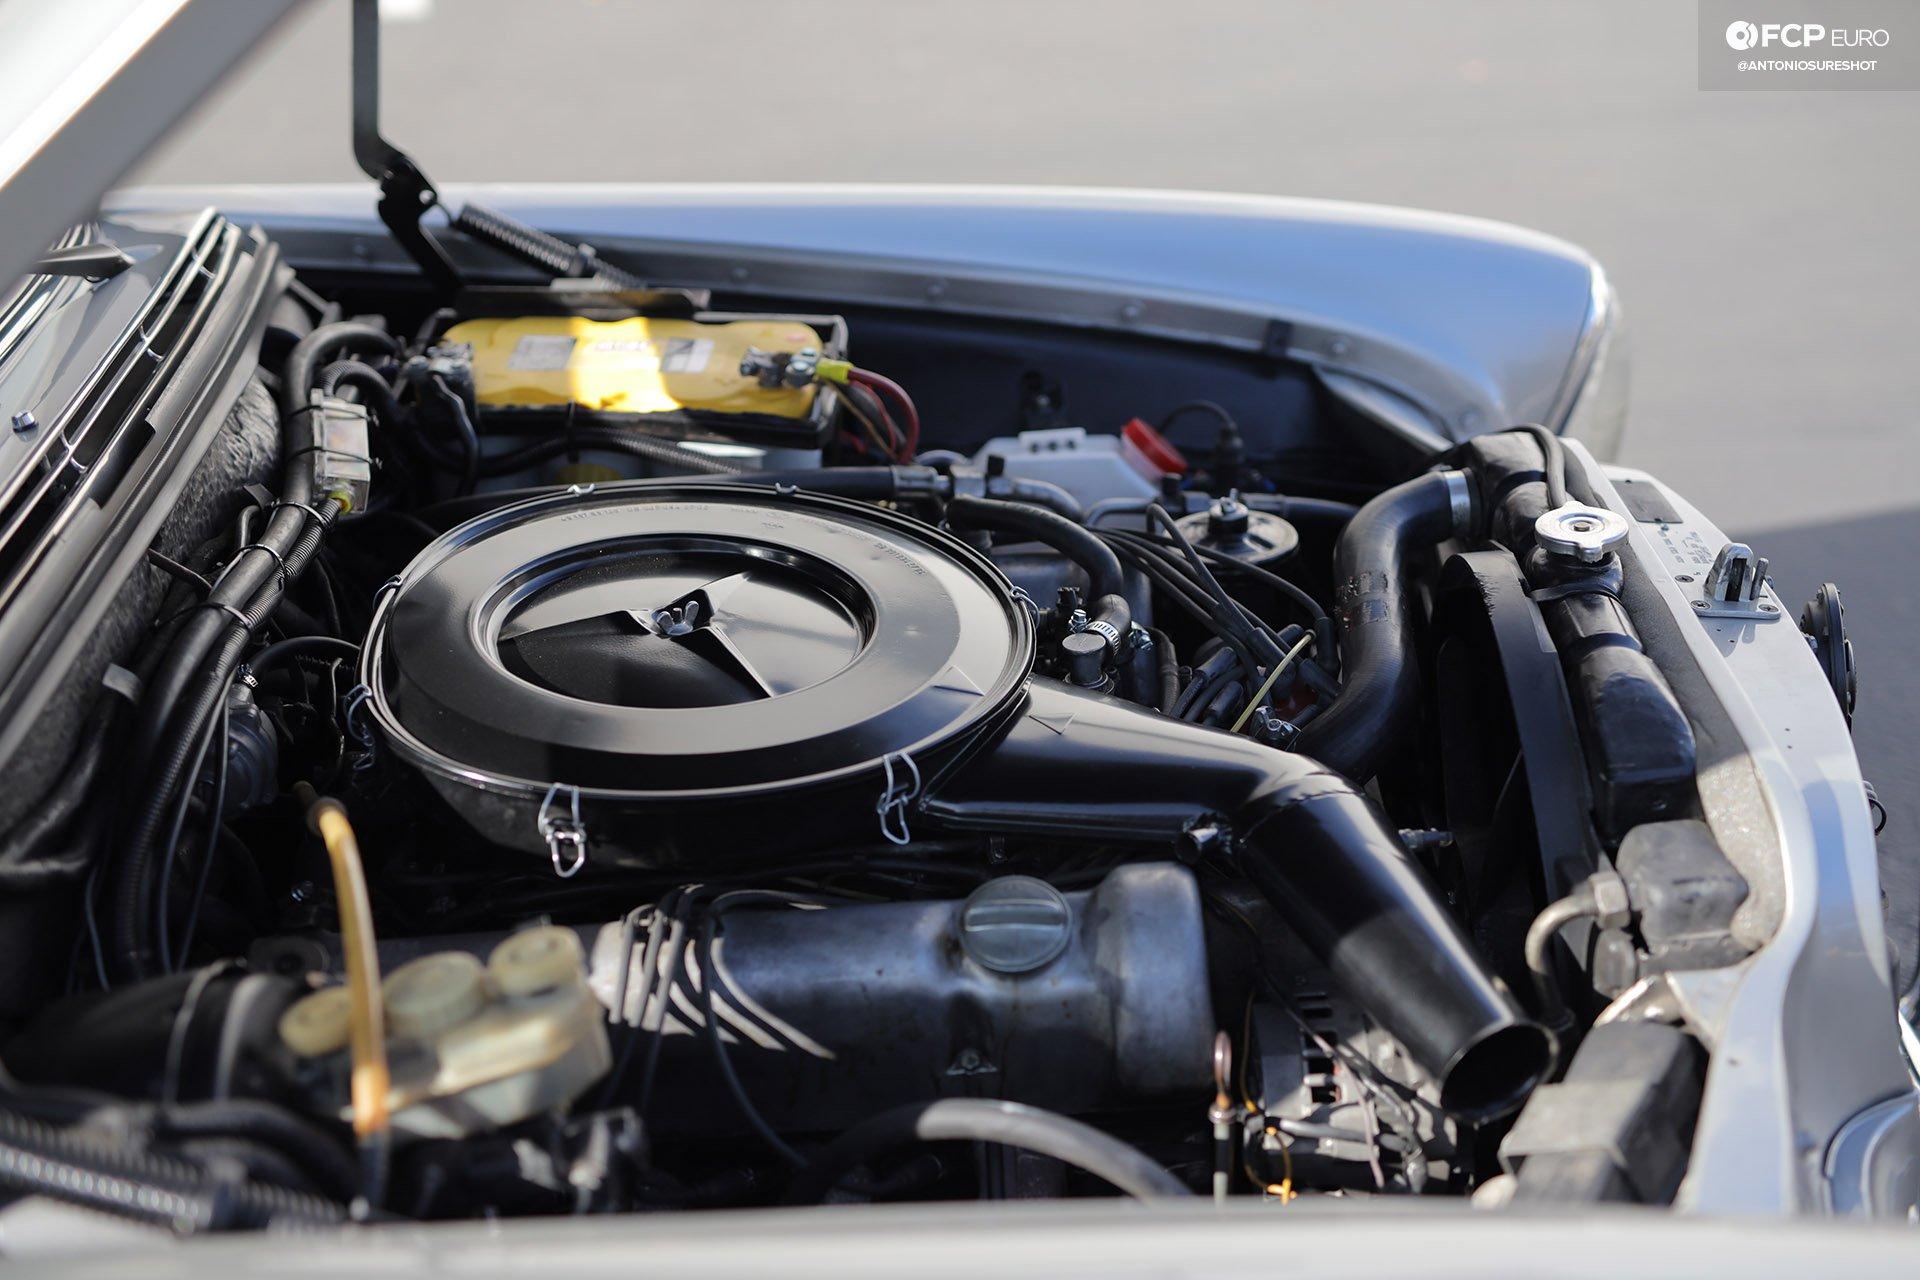 RHD 1972 Mercedes W108 280SE EOSR9777